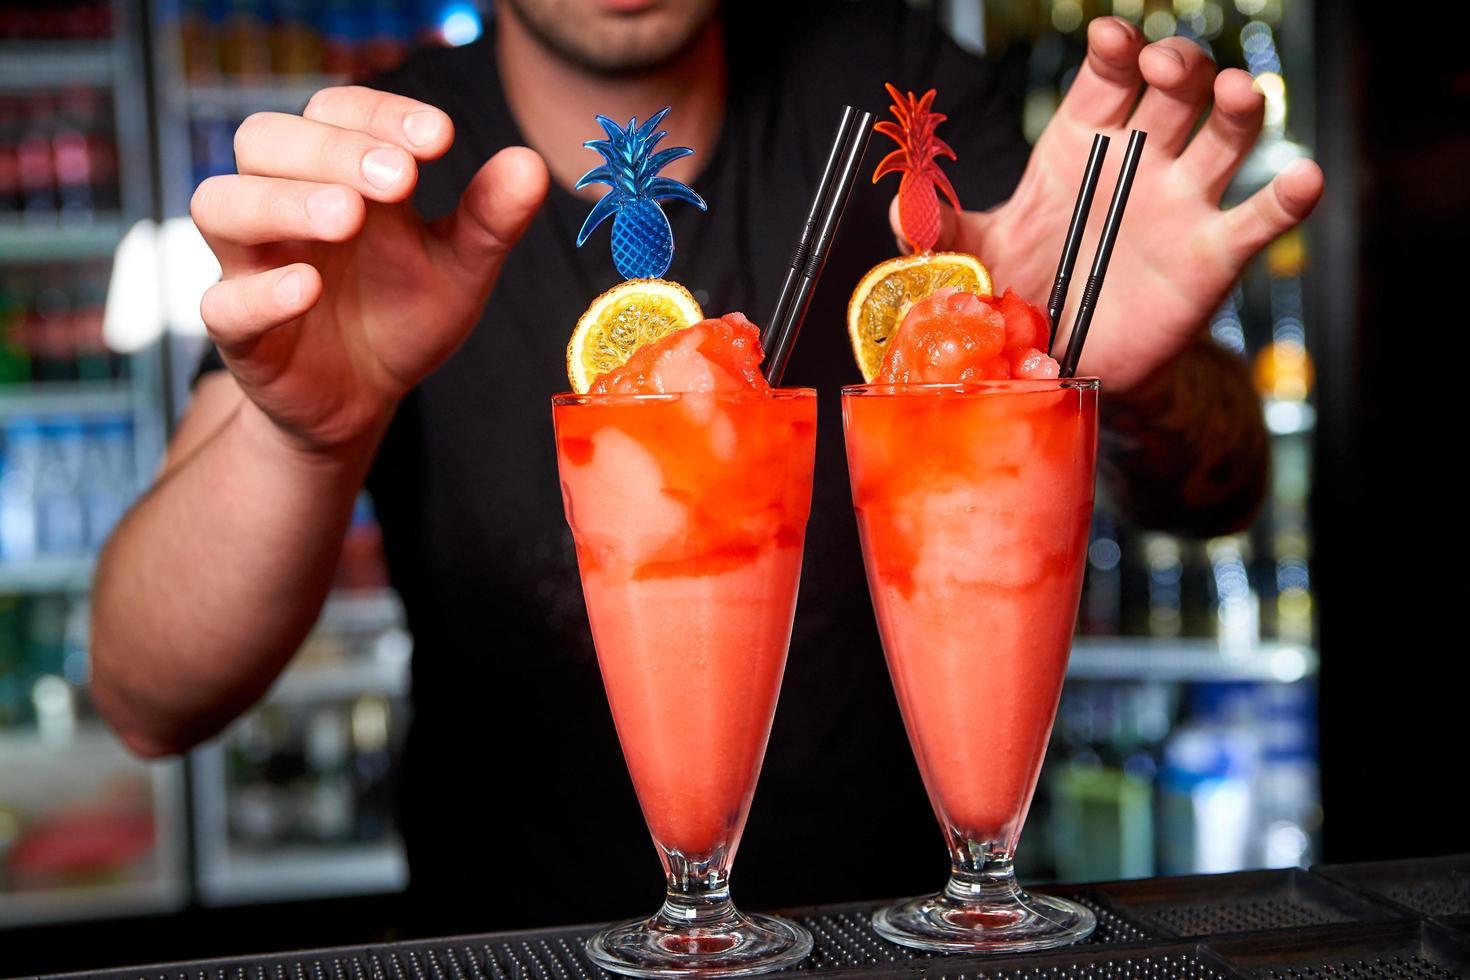 le processus de fabrication de cocktails dans une discothèque photo